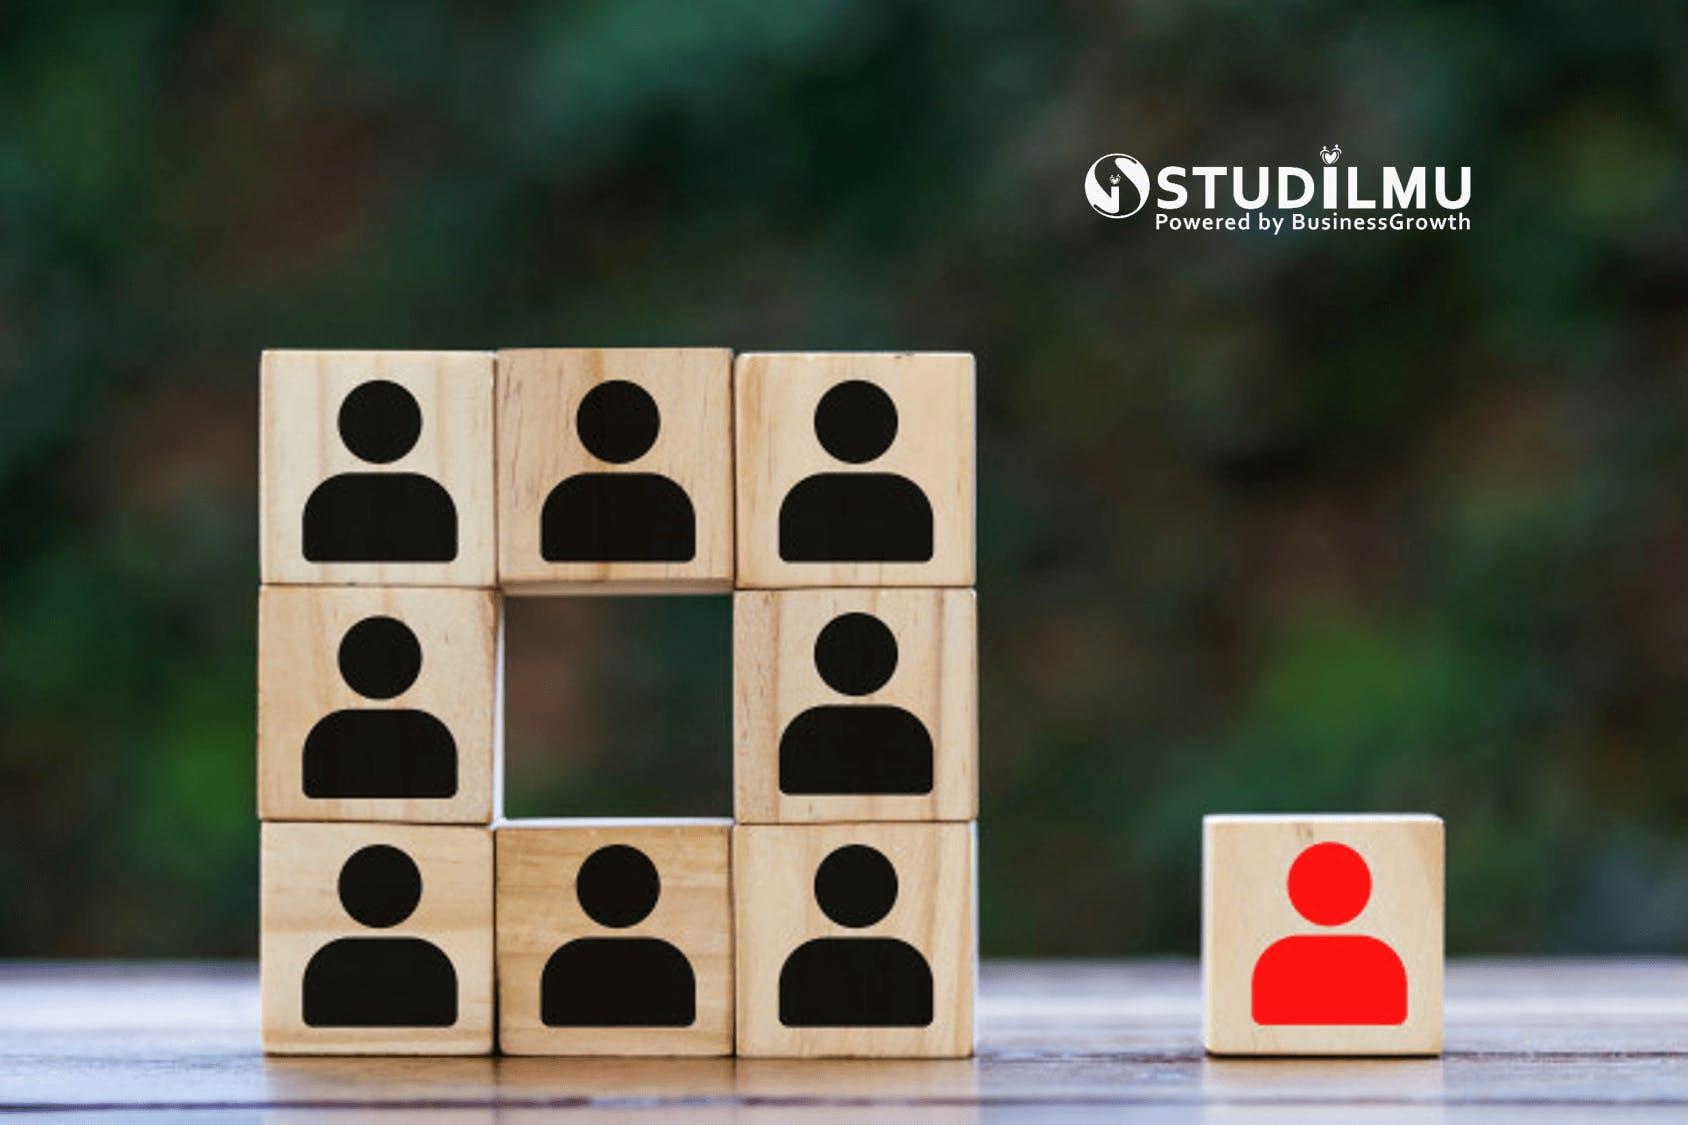 STUDILMU Career Advice - 8 Pola Pikir yang Membawa Kesuksesan Hidup